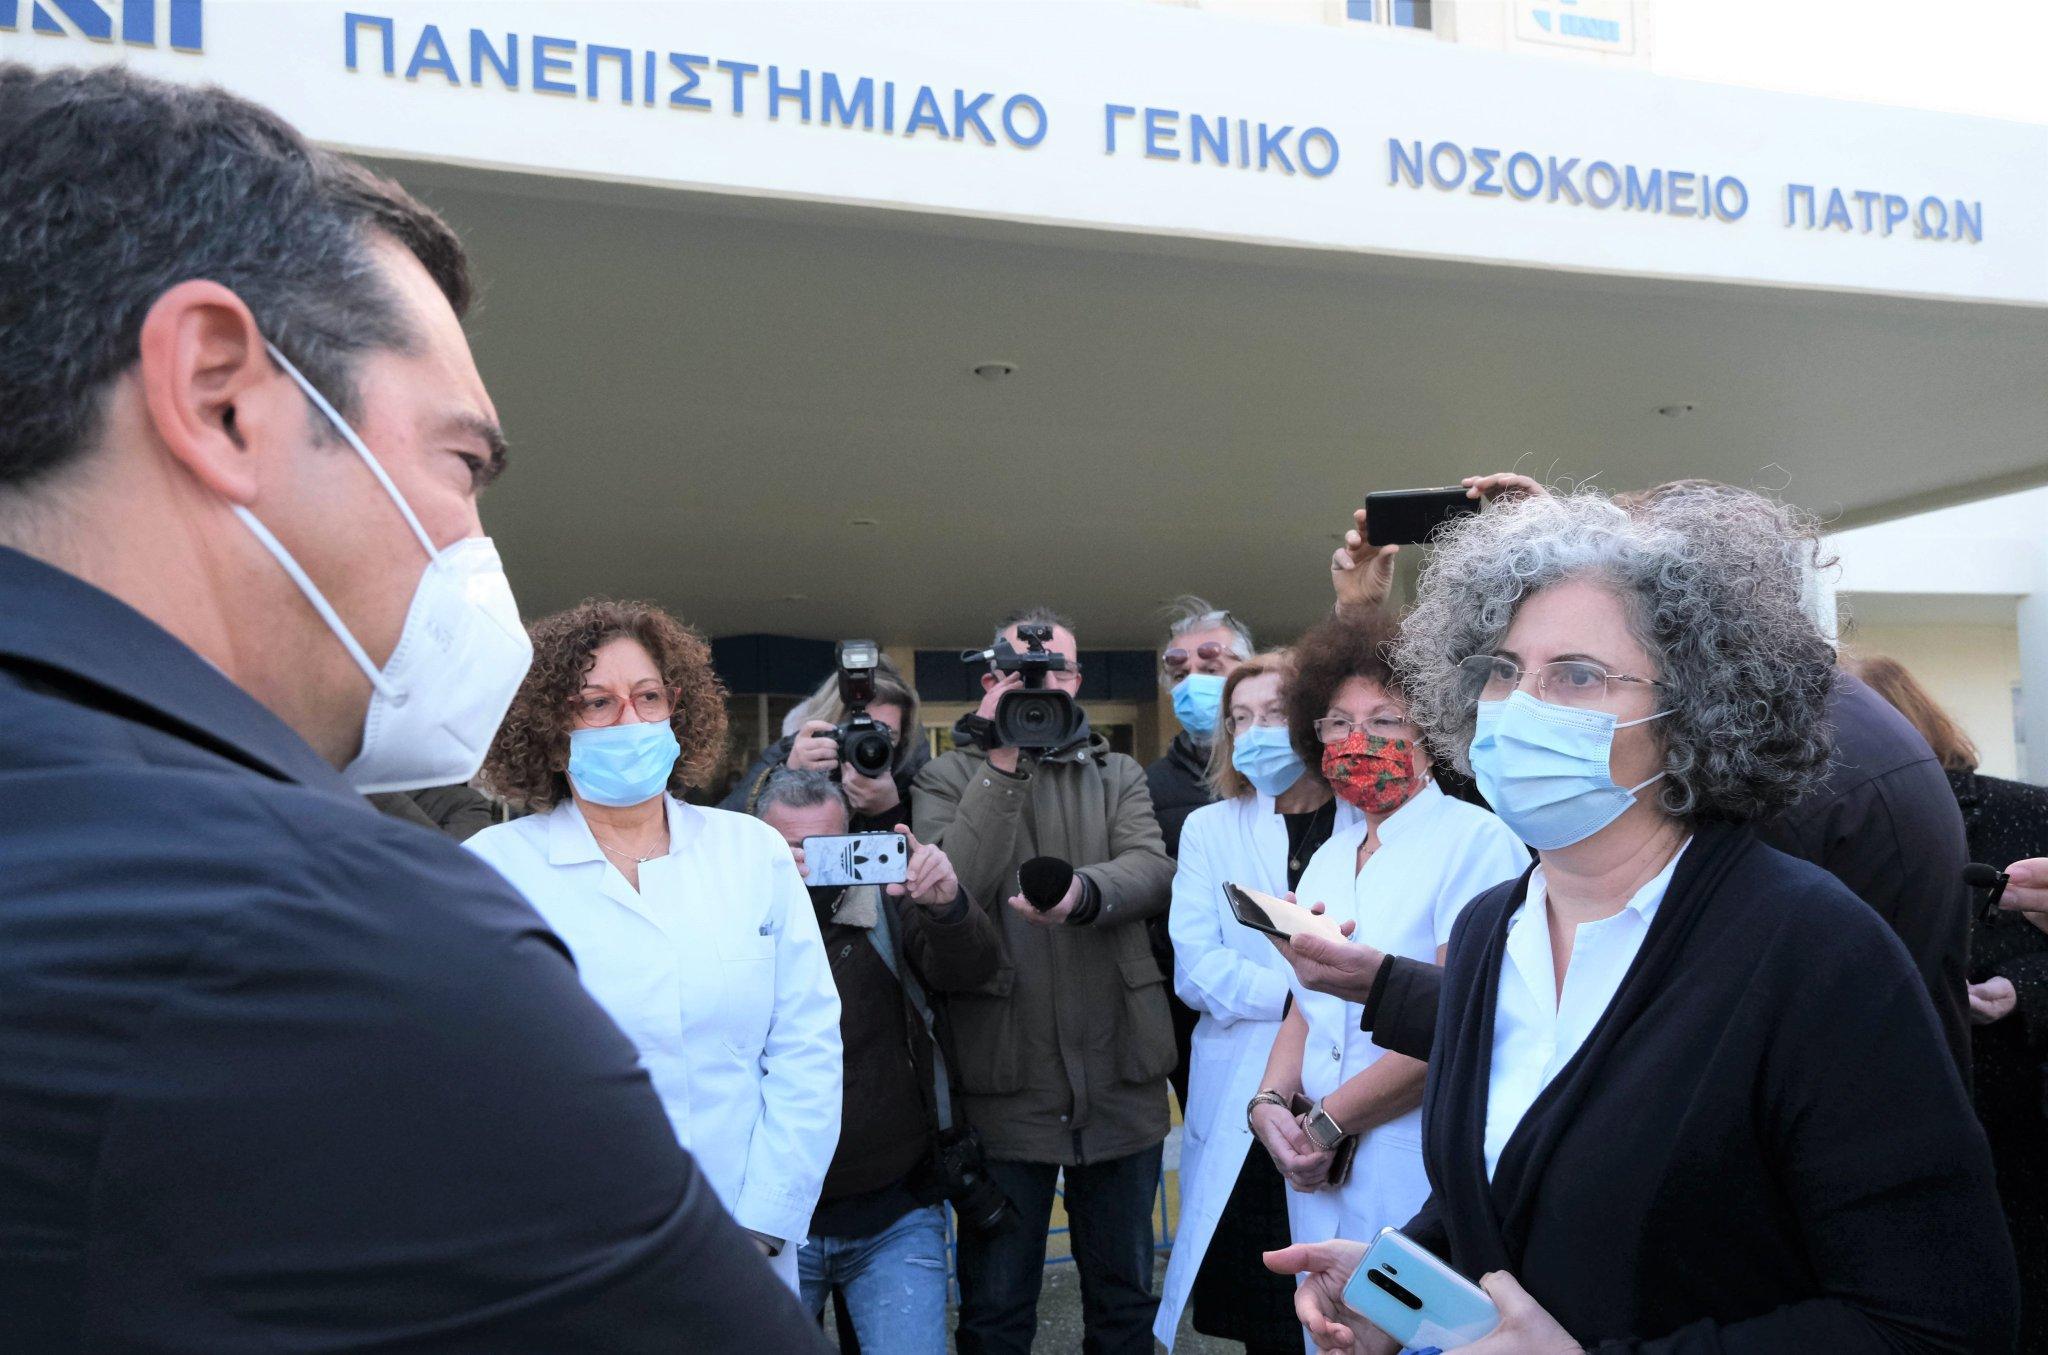 Αλ. Τσίπρας: Πρωτοφανής η ανεπάρκεια του λεγόμενου επιτελικού κράτους στην υπόθεση του εμβολιασμού